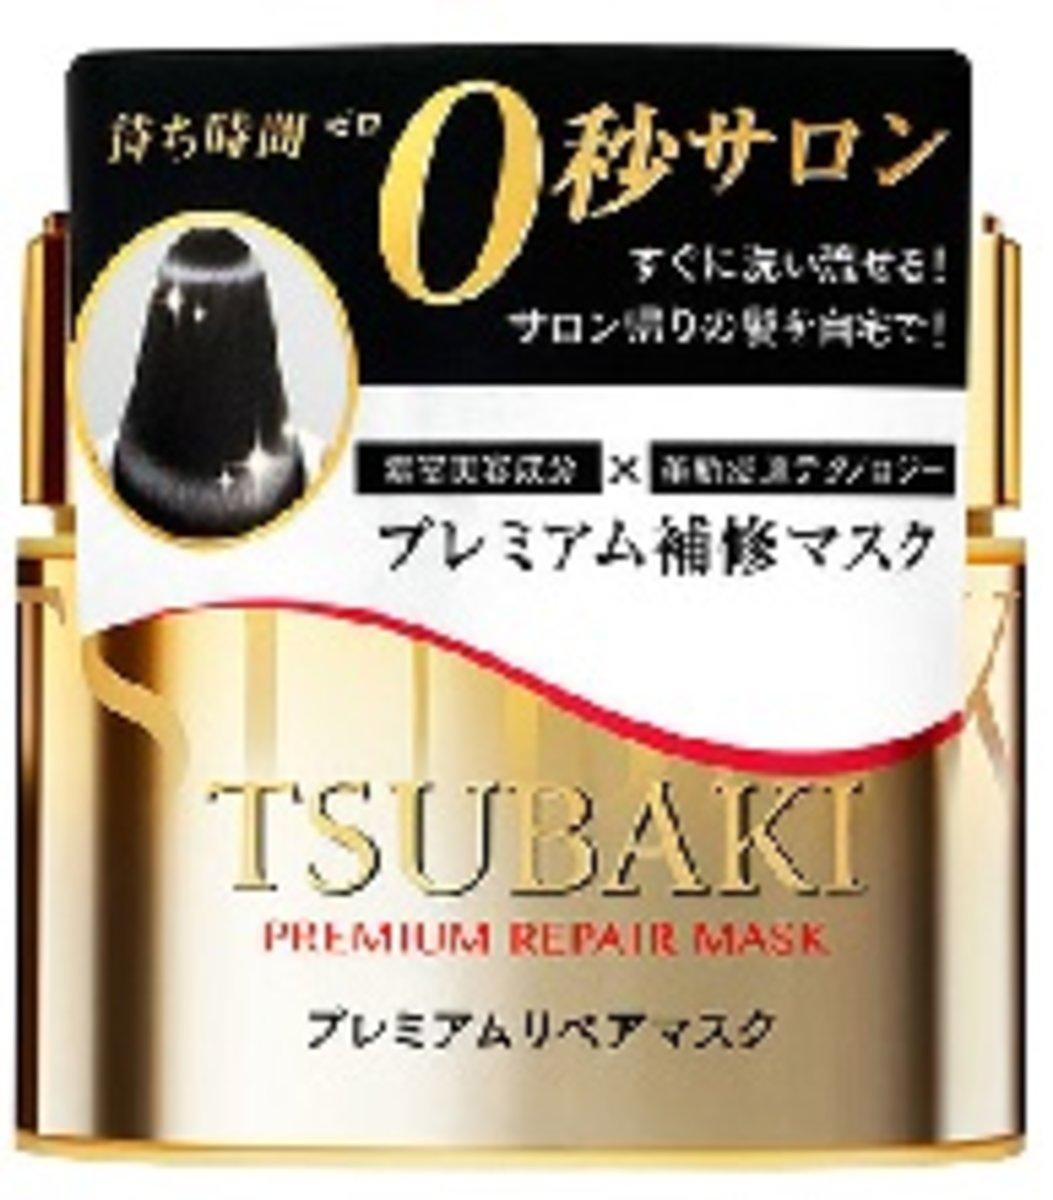 日本版 資生堂 TSUBAKI 山茶高級修護髮膜 (180g/6oz.) (平行進口)